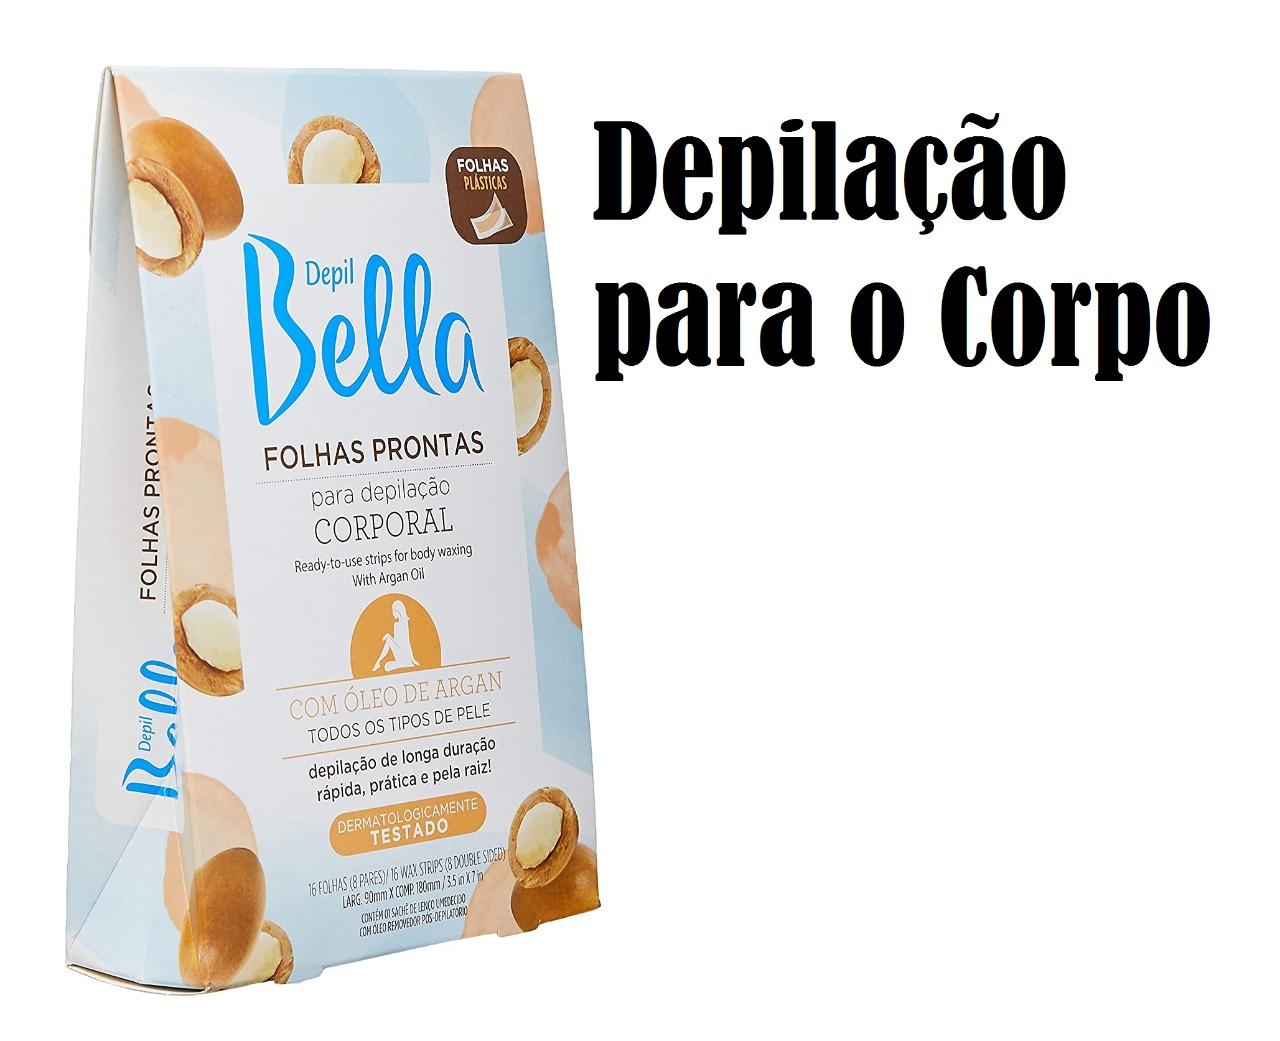 DEPIL BELLA FOLHA PRONTA PARA DEPILAÇÃO ARGAN 16 FOLHAS (FACIAL/CORPORAL)